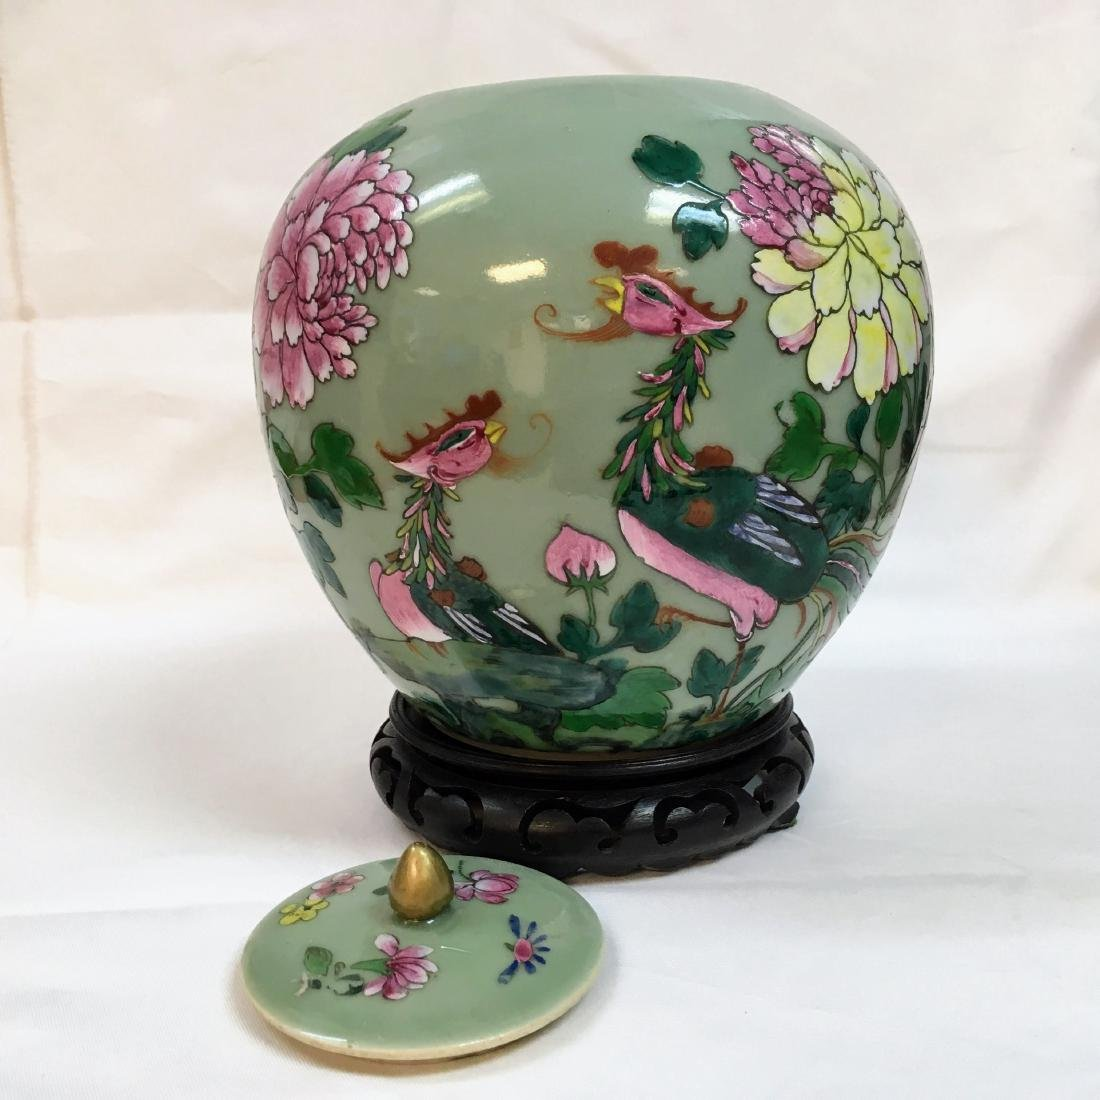 Antique Chinese Famille rose Porcelain green ginger jar - 3